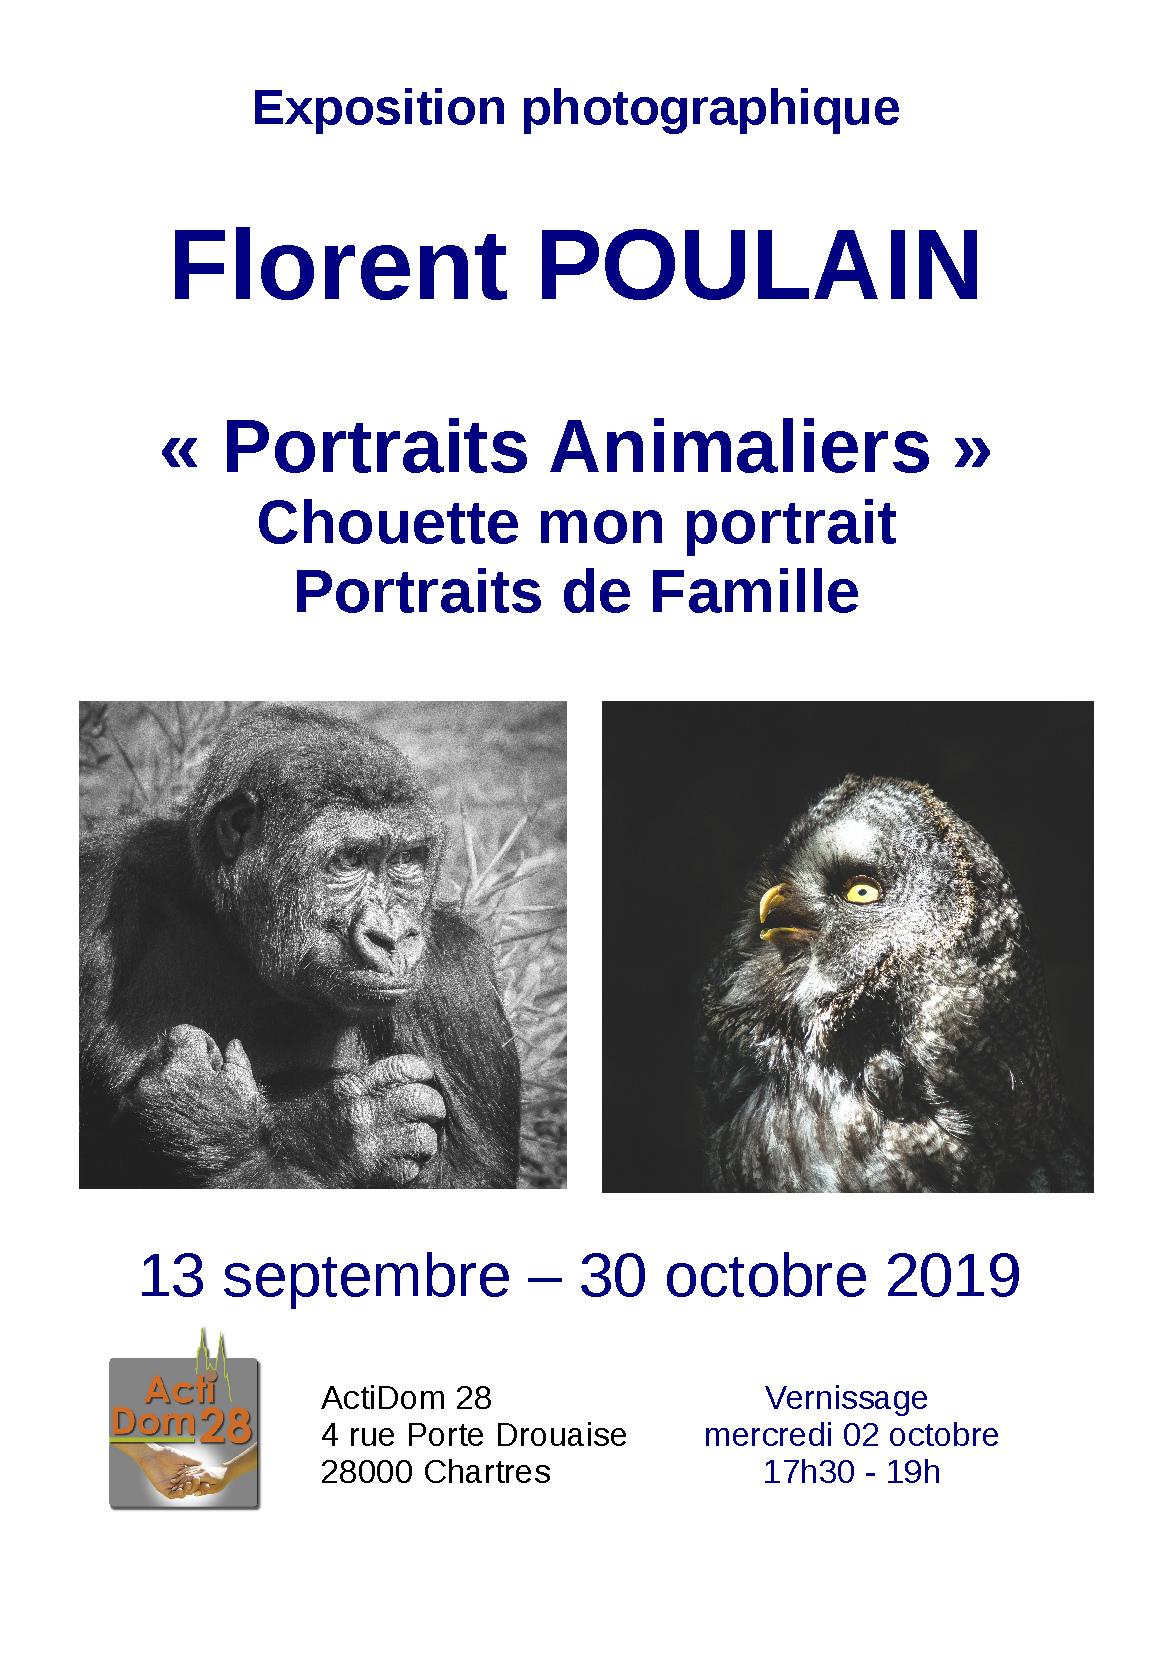 Florent Poulain expose chez ActiDom28